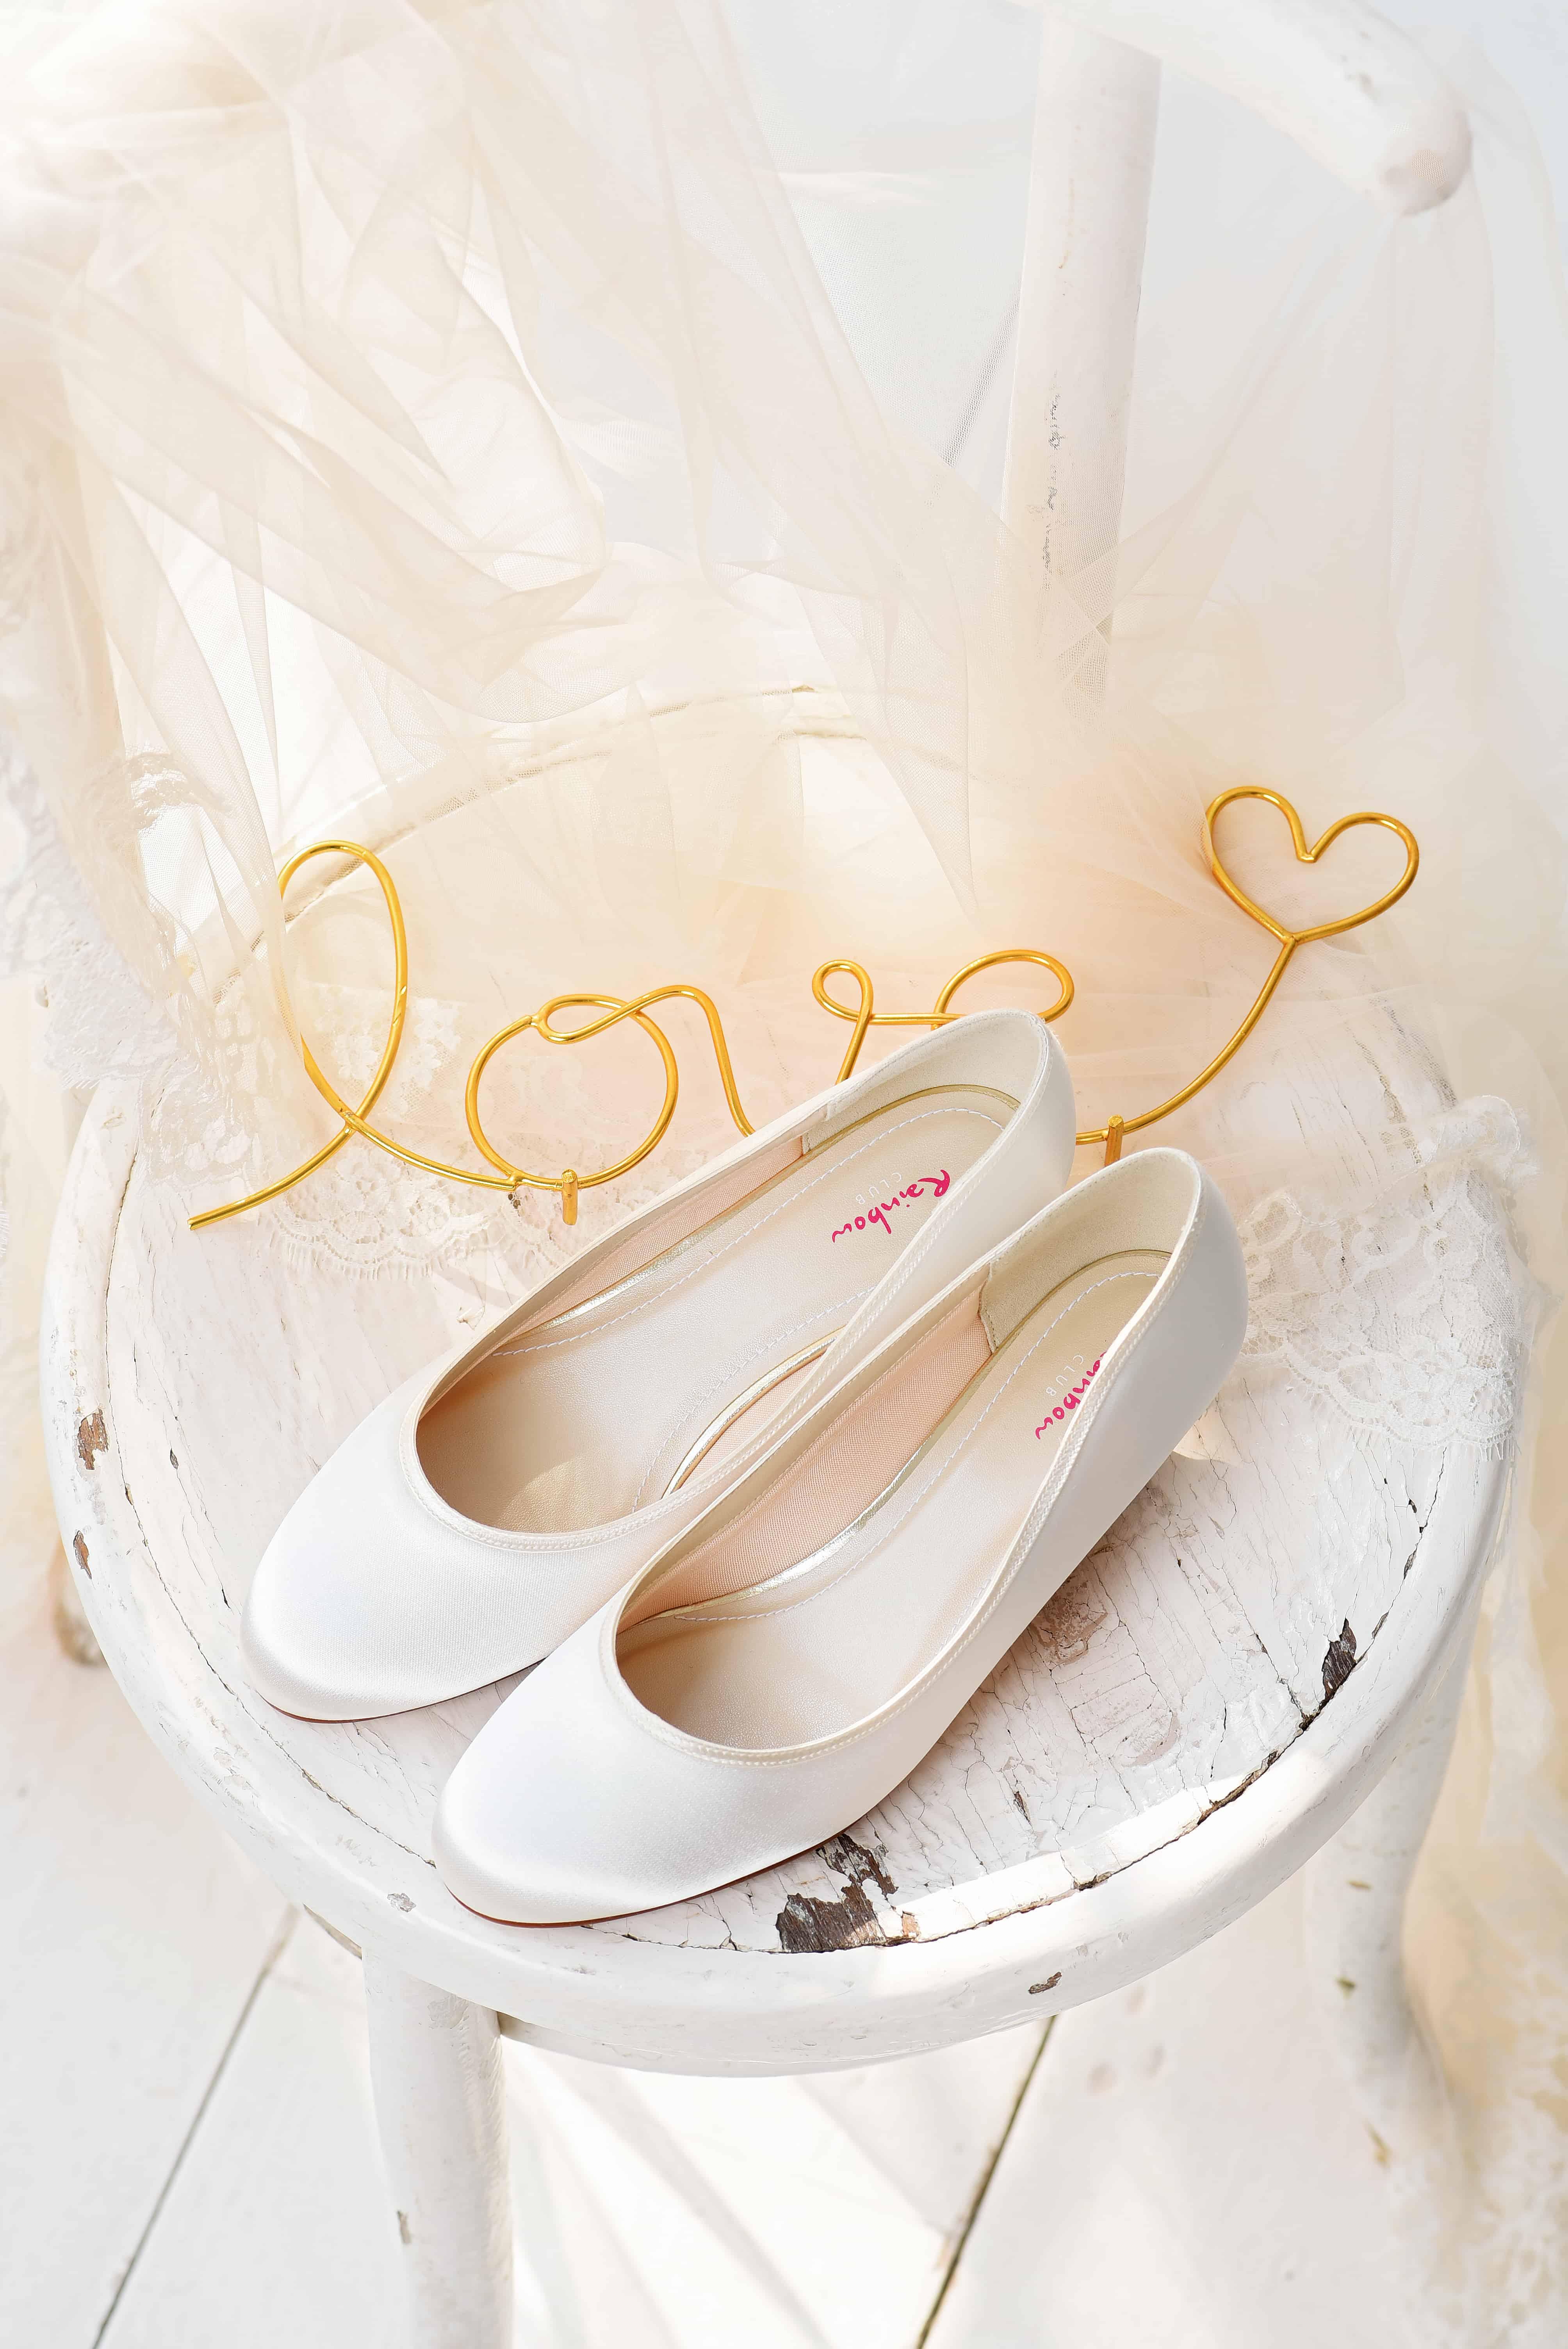 Bruidsschoenen Trouwschoenen Sneakers Pumps Bruid heel plat Paula